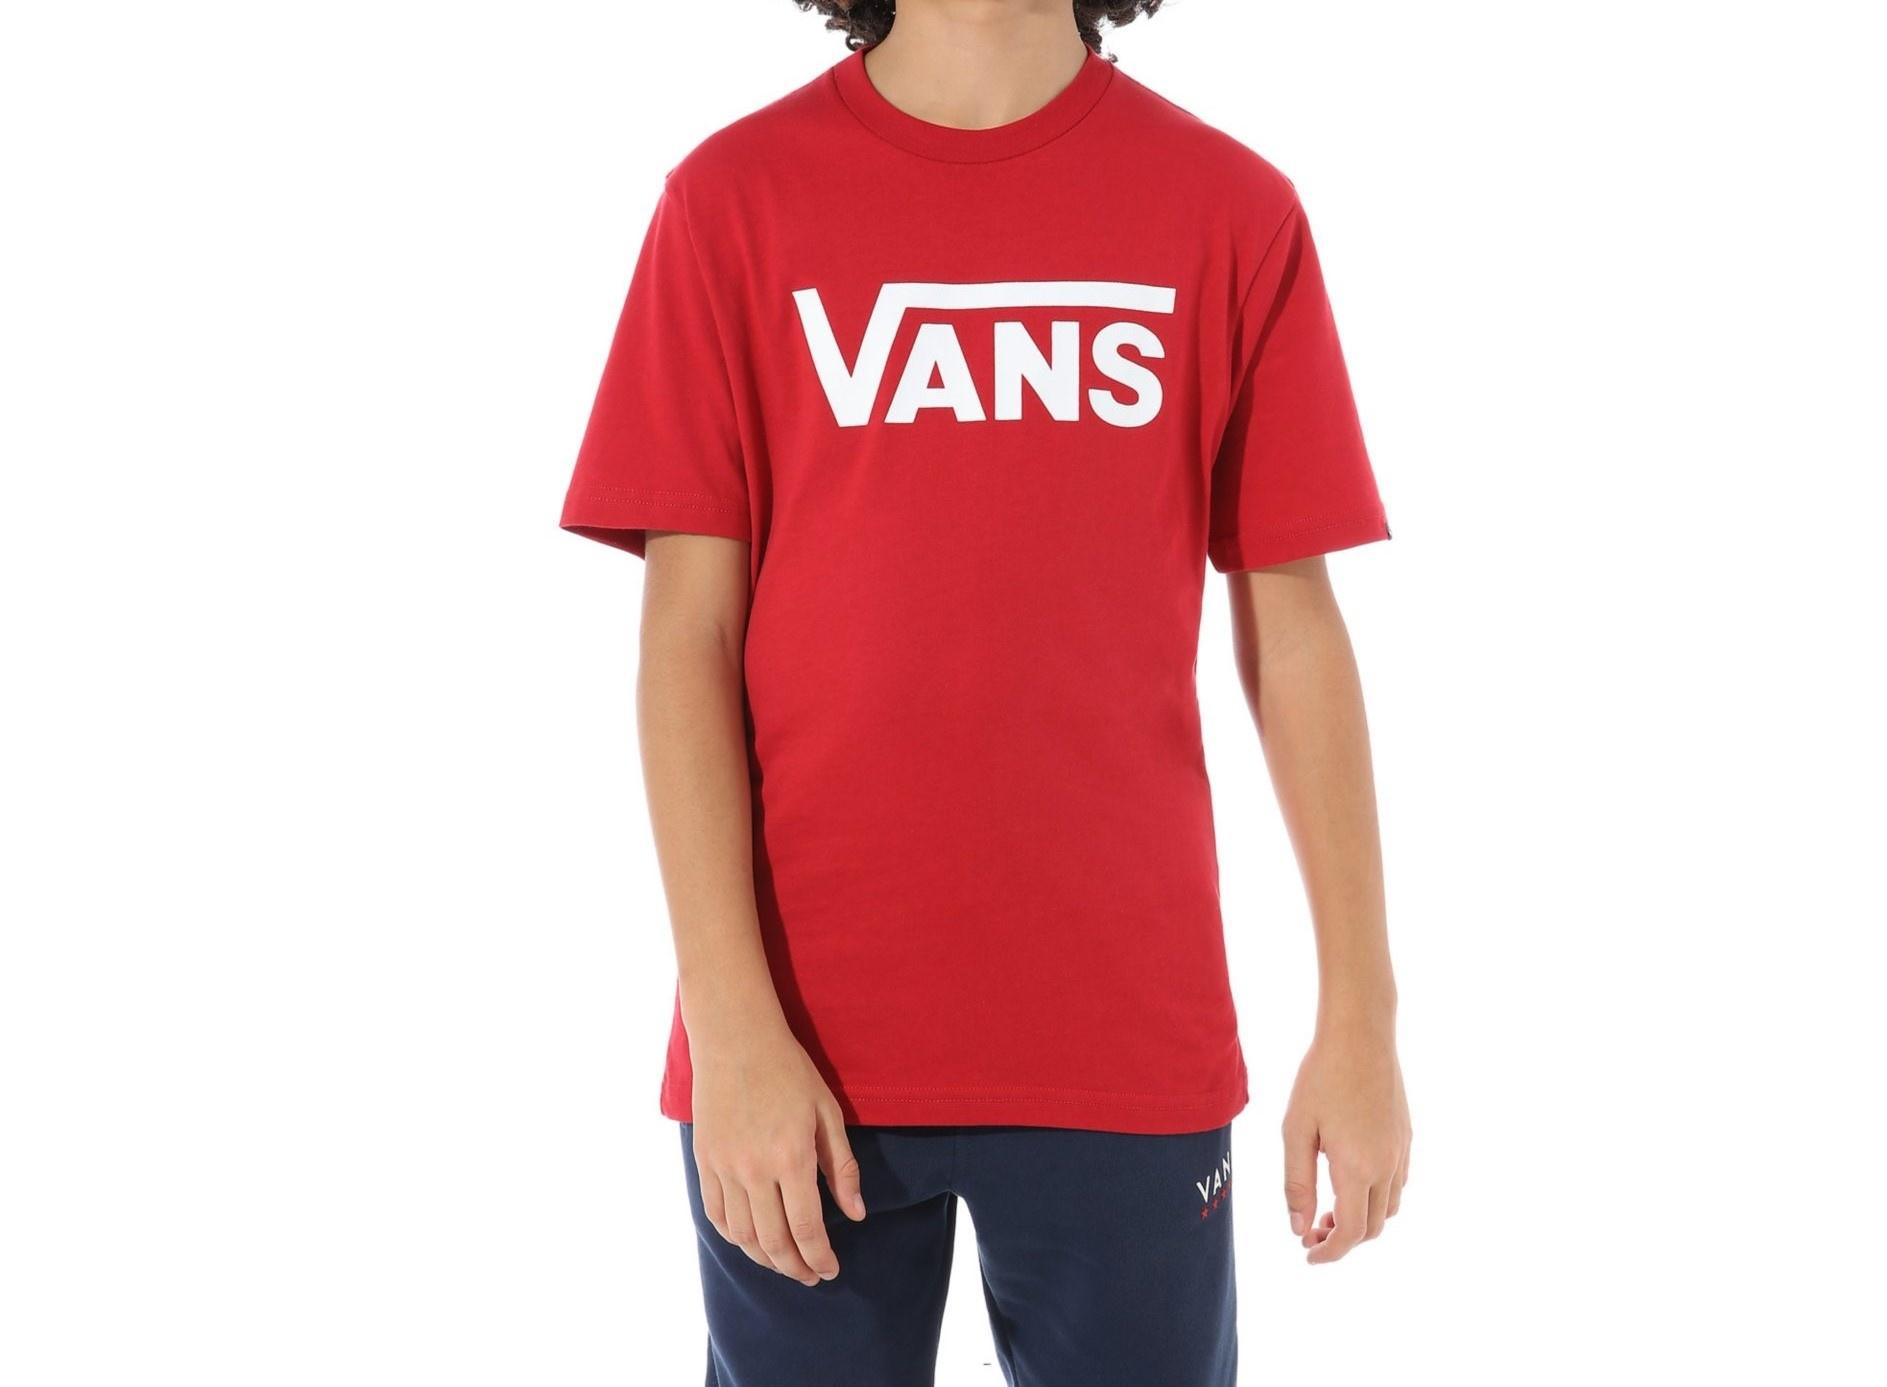 VANS Classic Boys T-shirt Chill Pepper/White